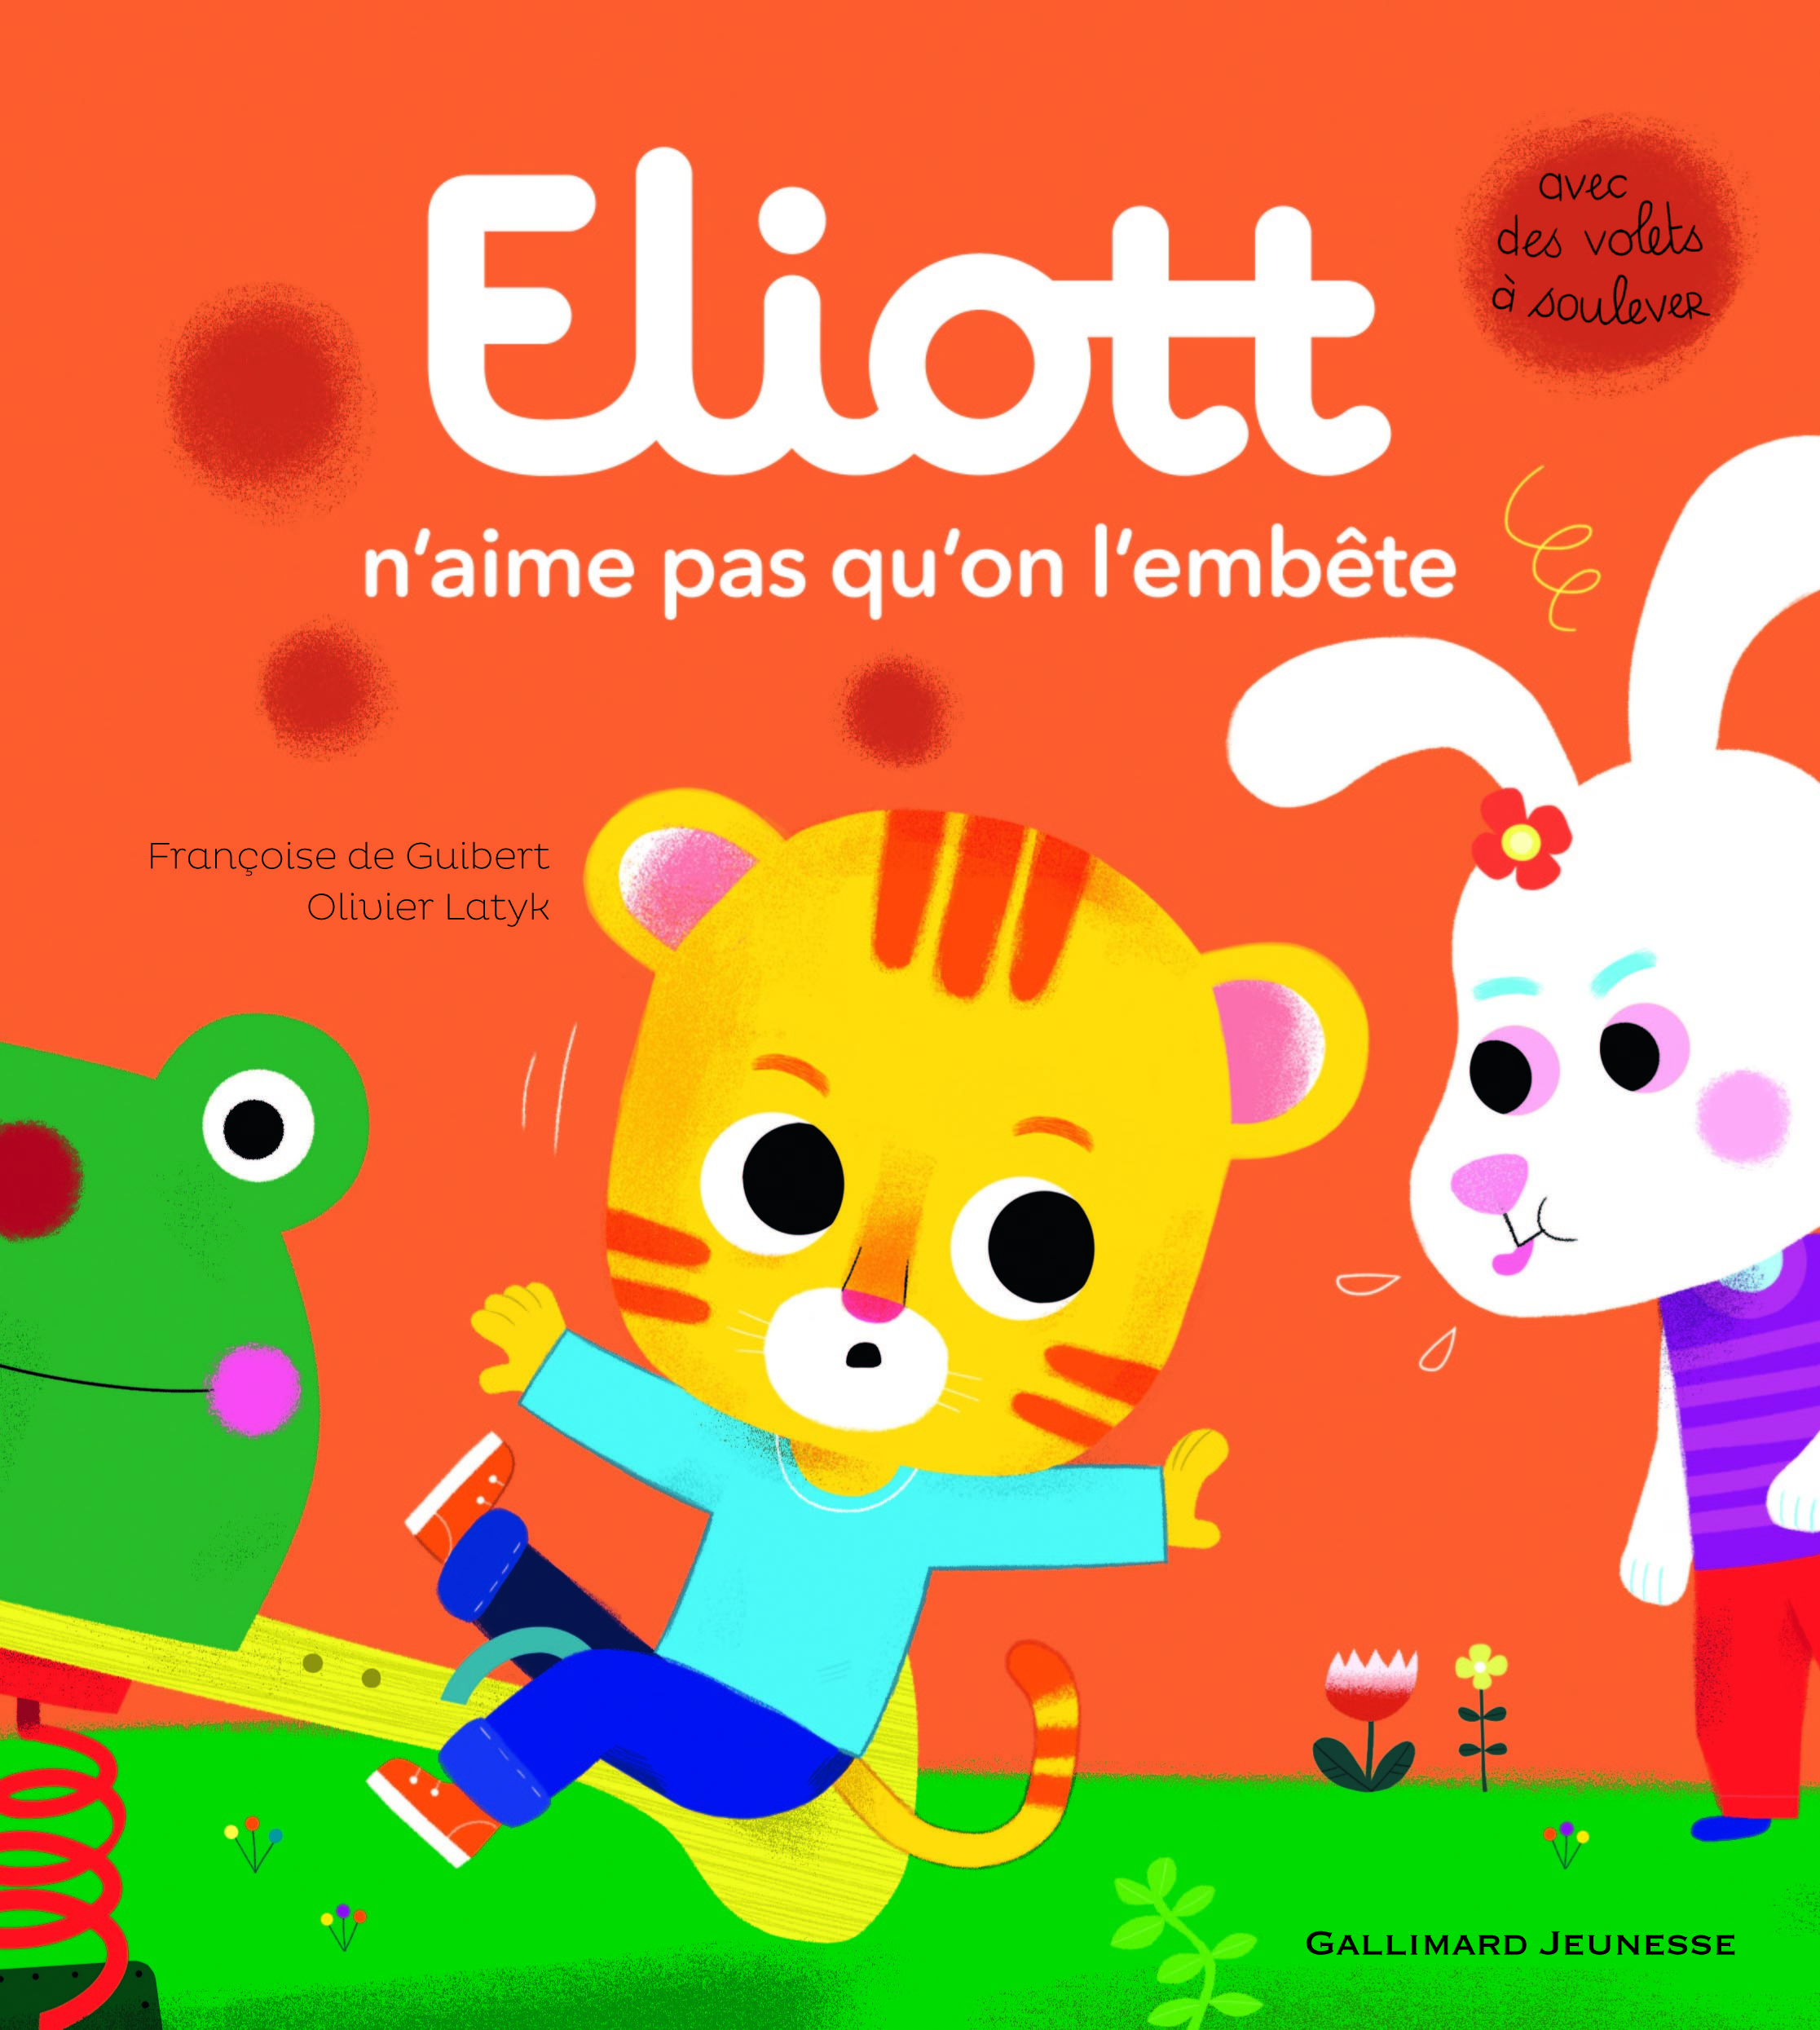 ELIOTT N'AIME PAS QU'ON L'EMBETE